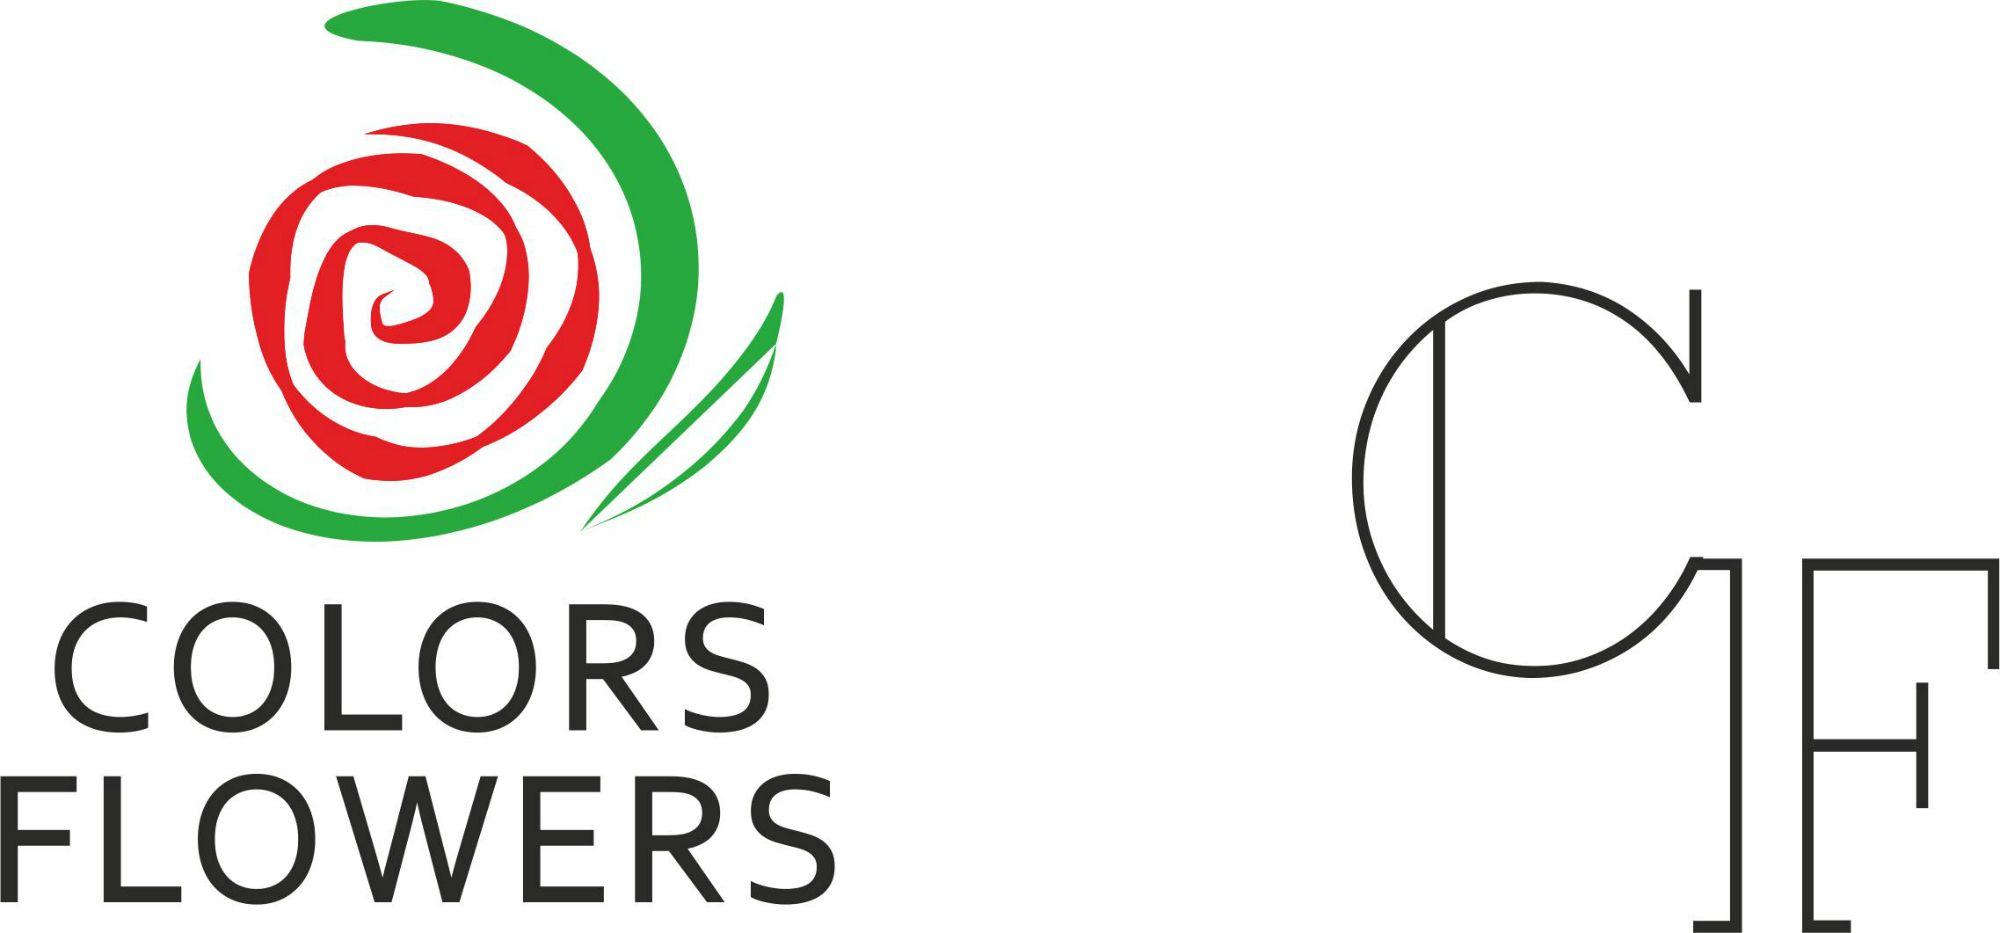 Colors & Flowers Логотип и фирменный стиль - дизайнер Humanoid_007